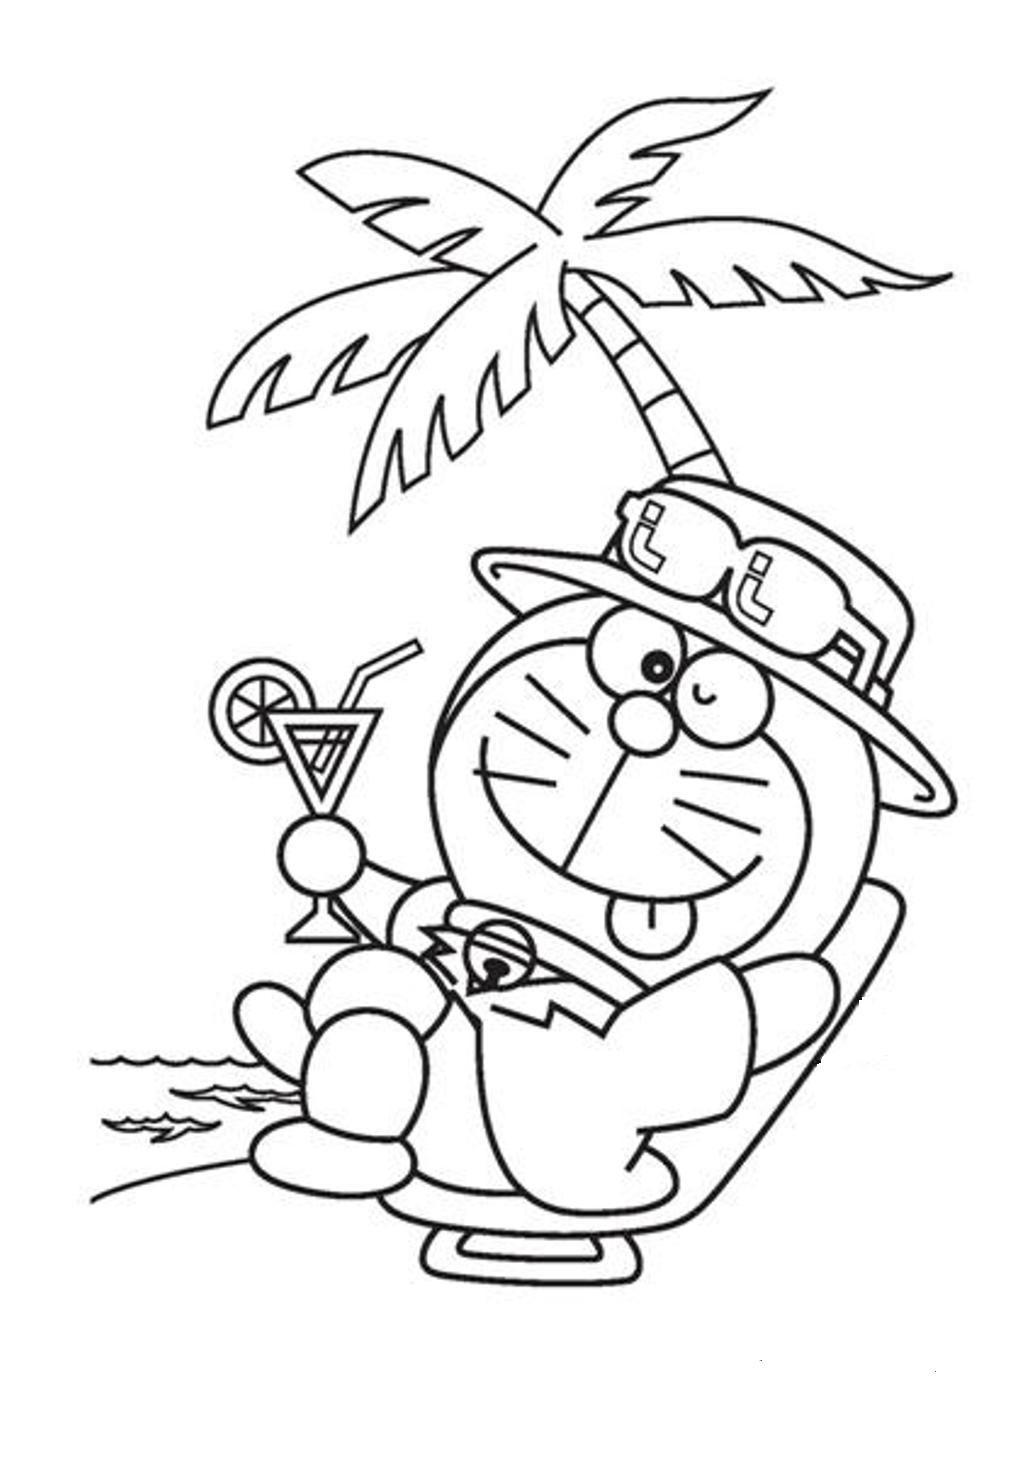 Dibujos De Vacaciones De Verano Con Doraemon Para Colorear